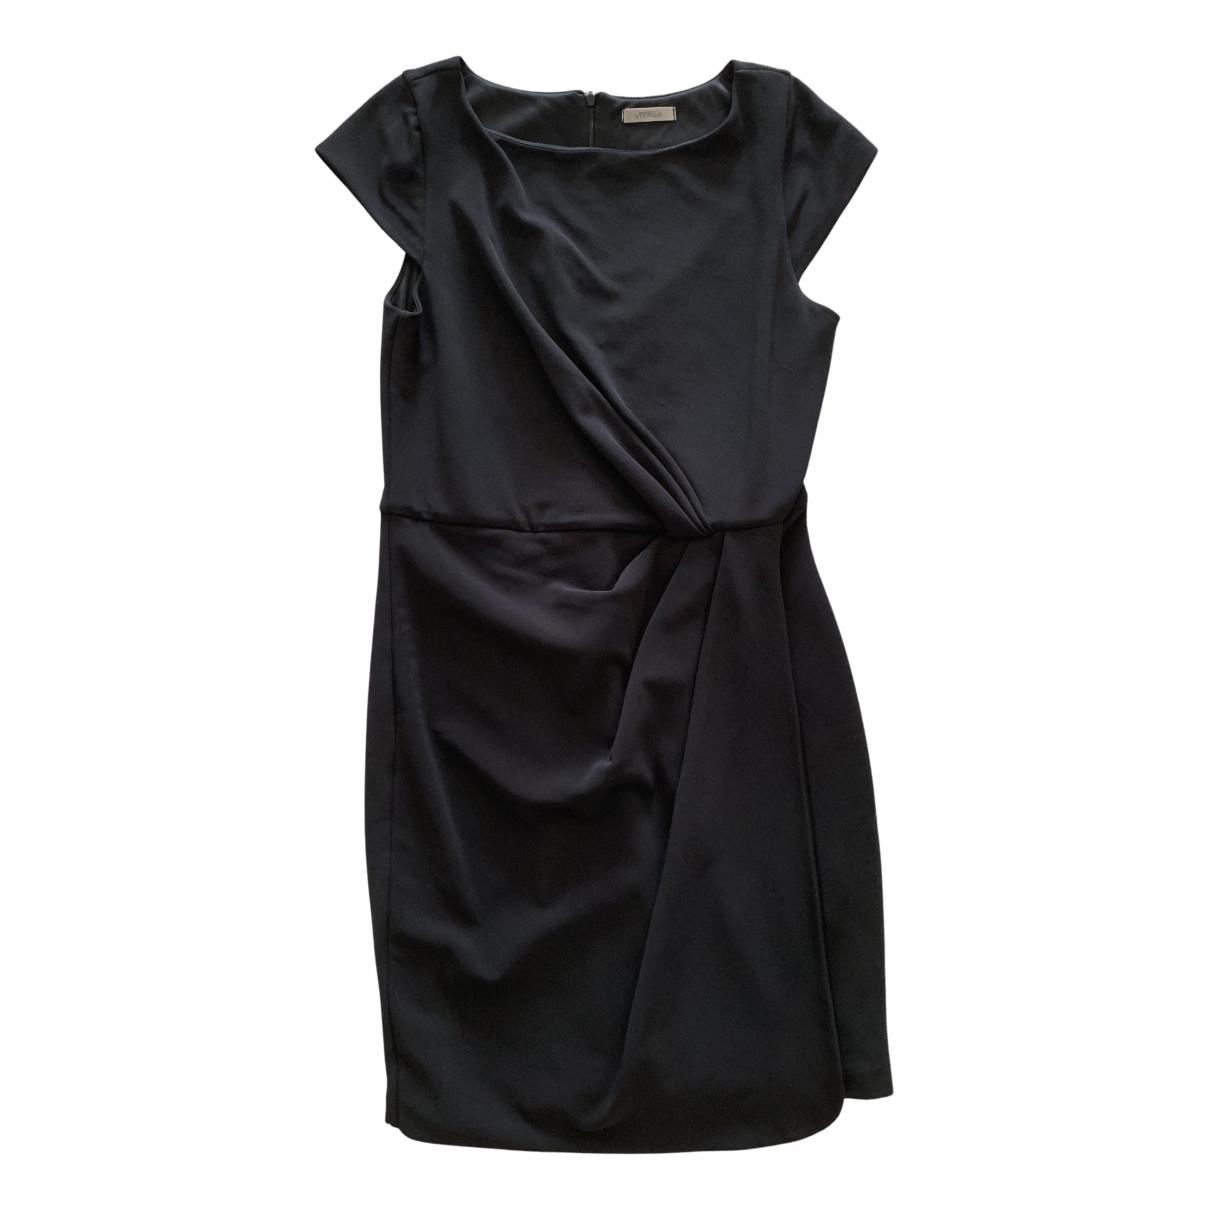 Uterque \N Kleid in  Schwarz Polyester